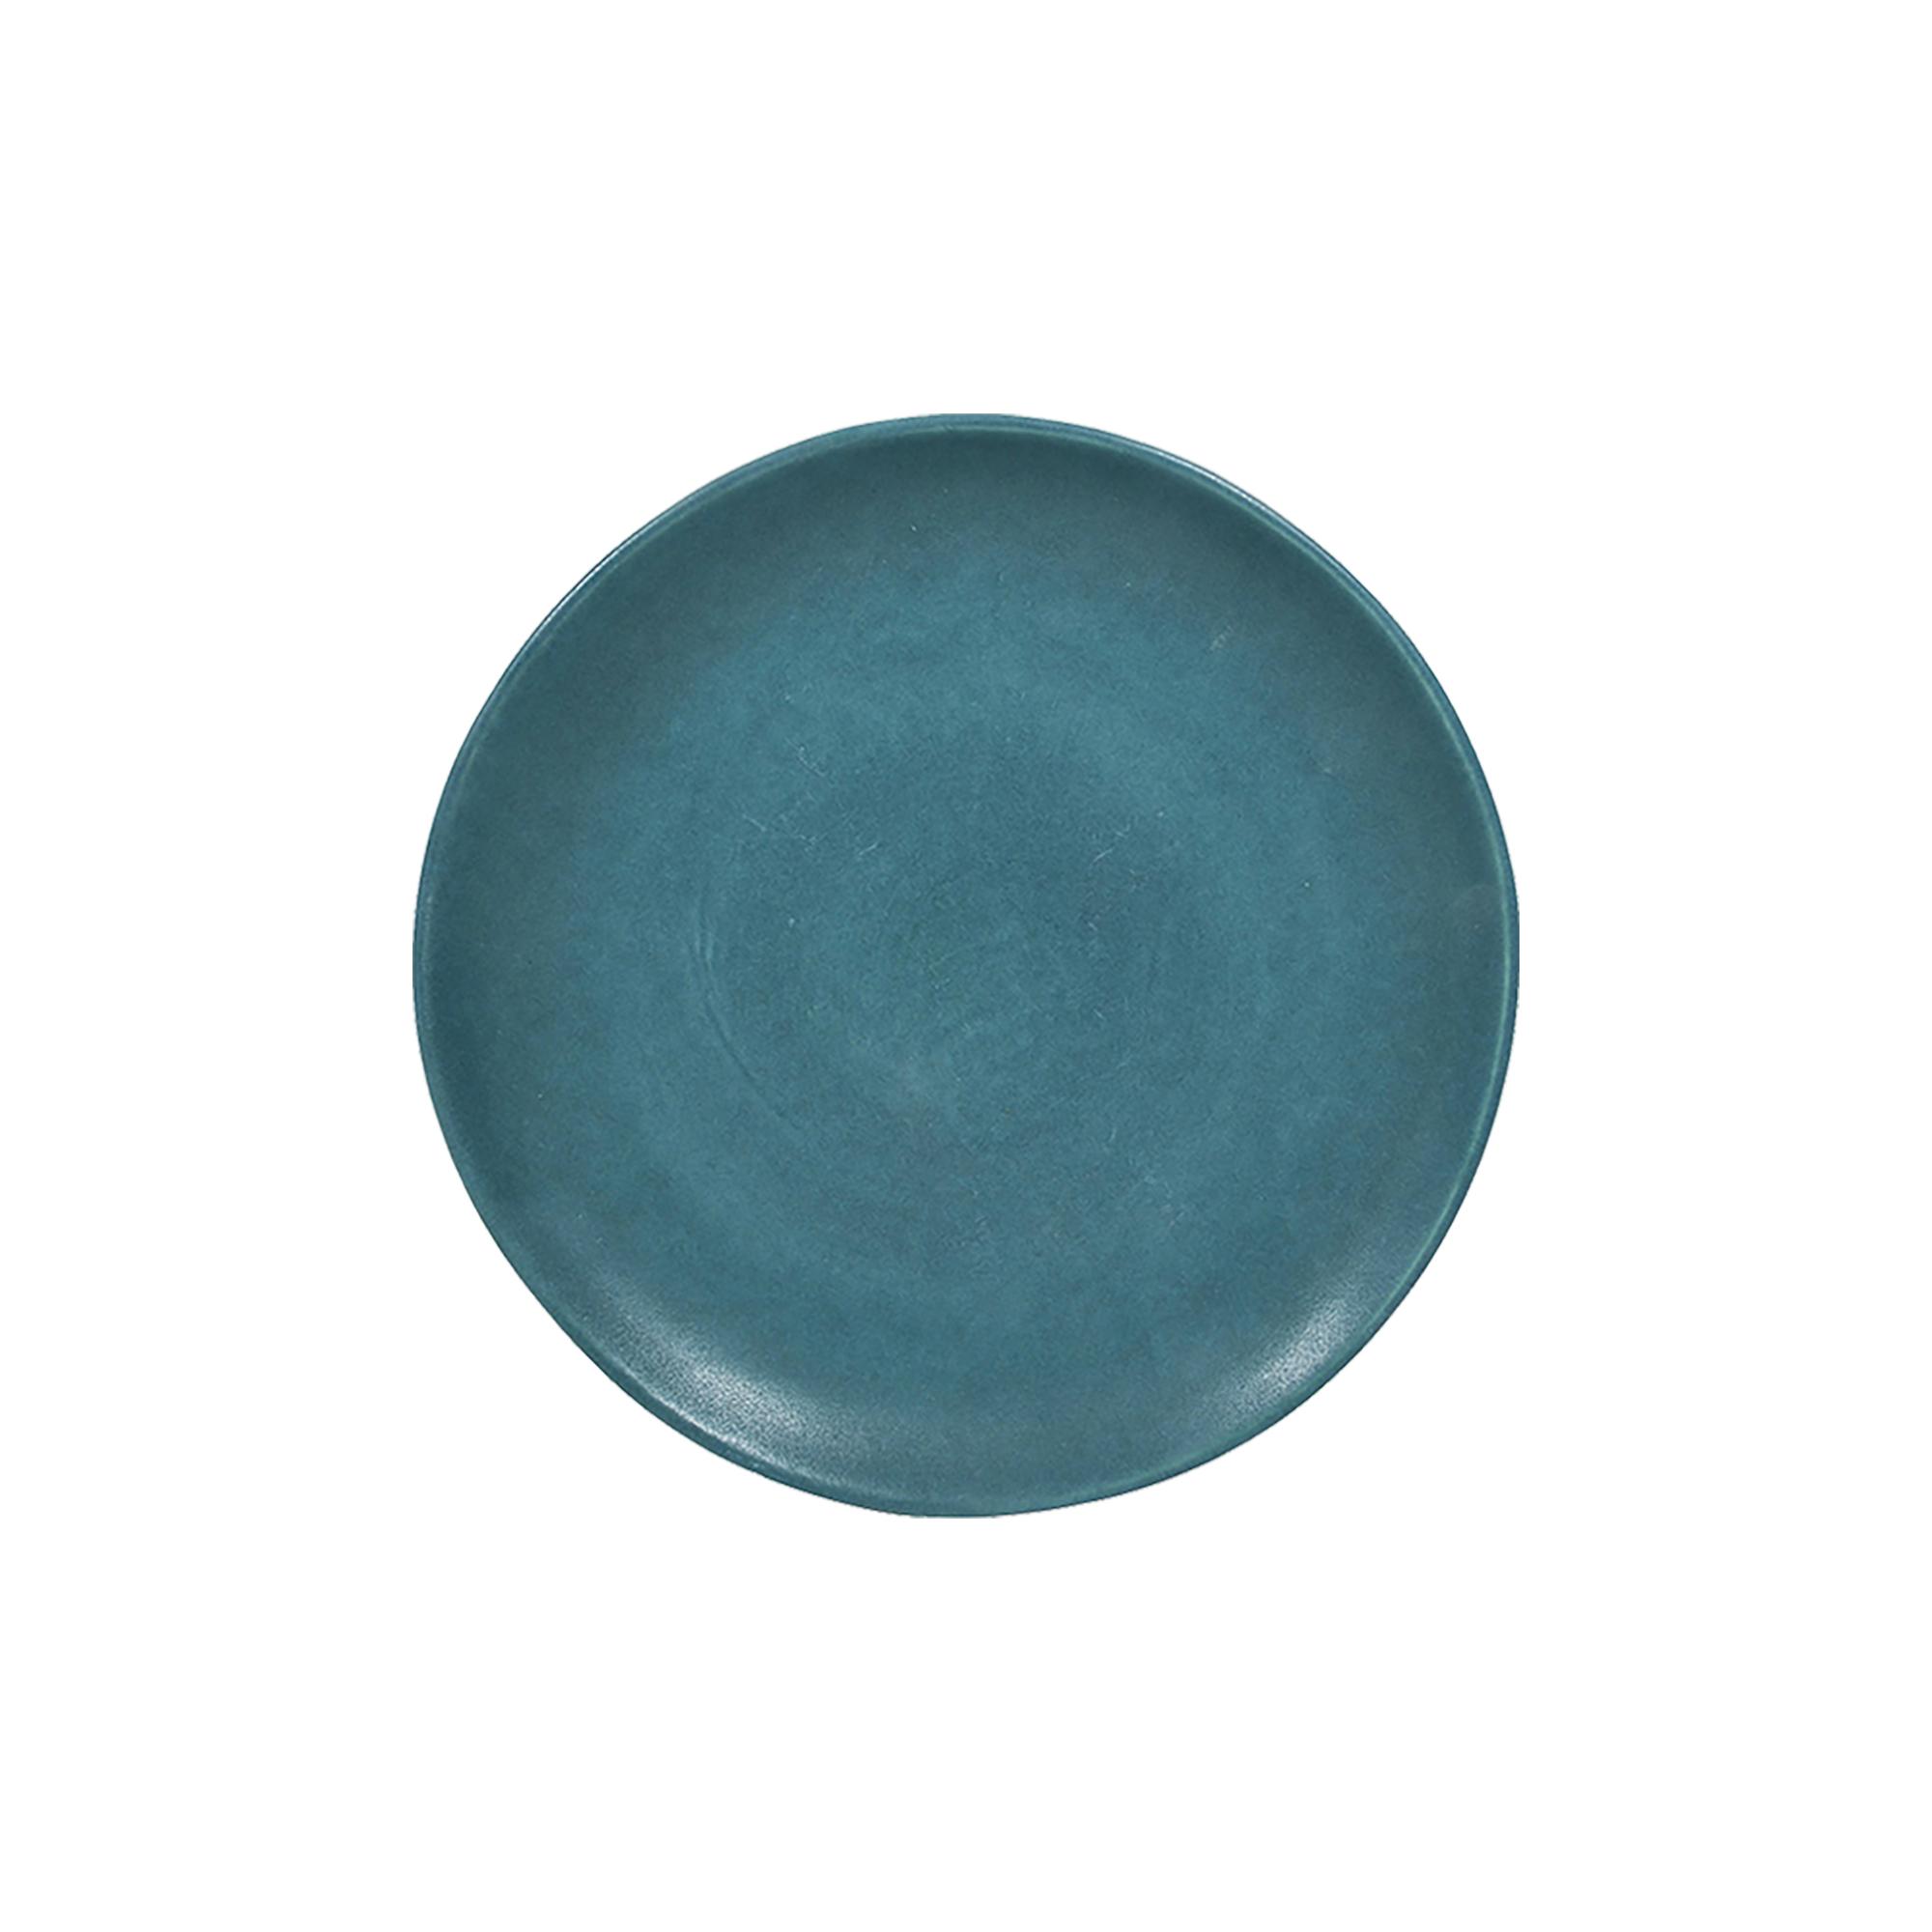 Assiette dessert en grès bleu 21 cm - Lot de 6